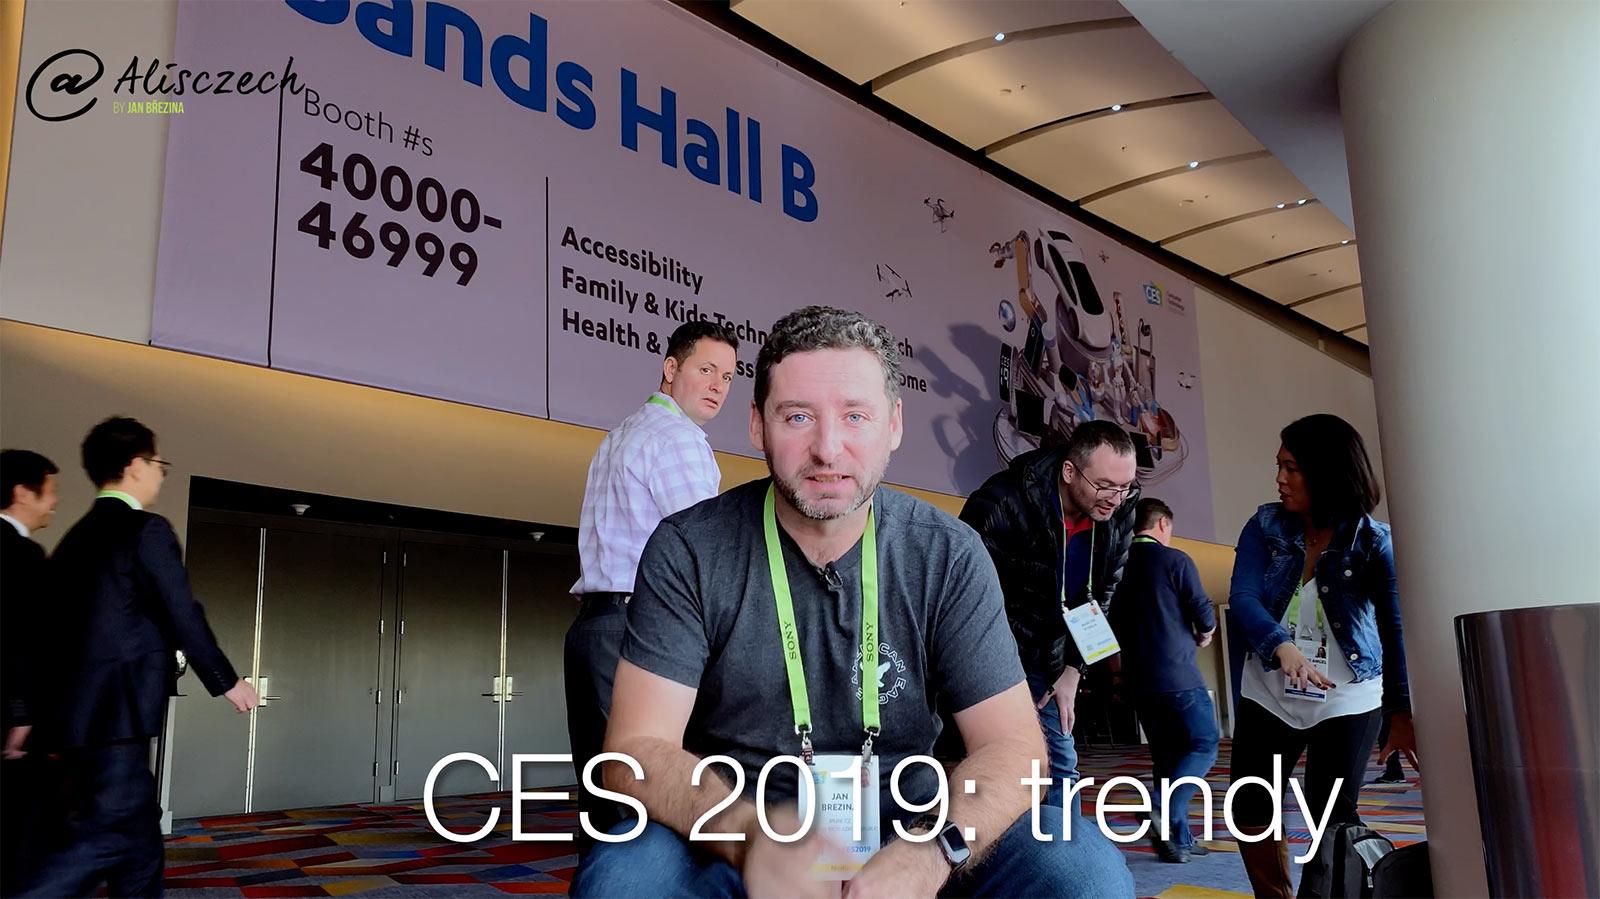 CES 2019: Trendy